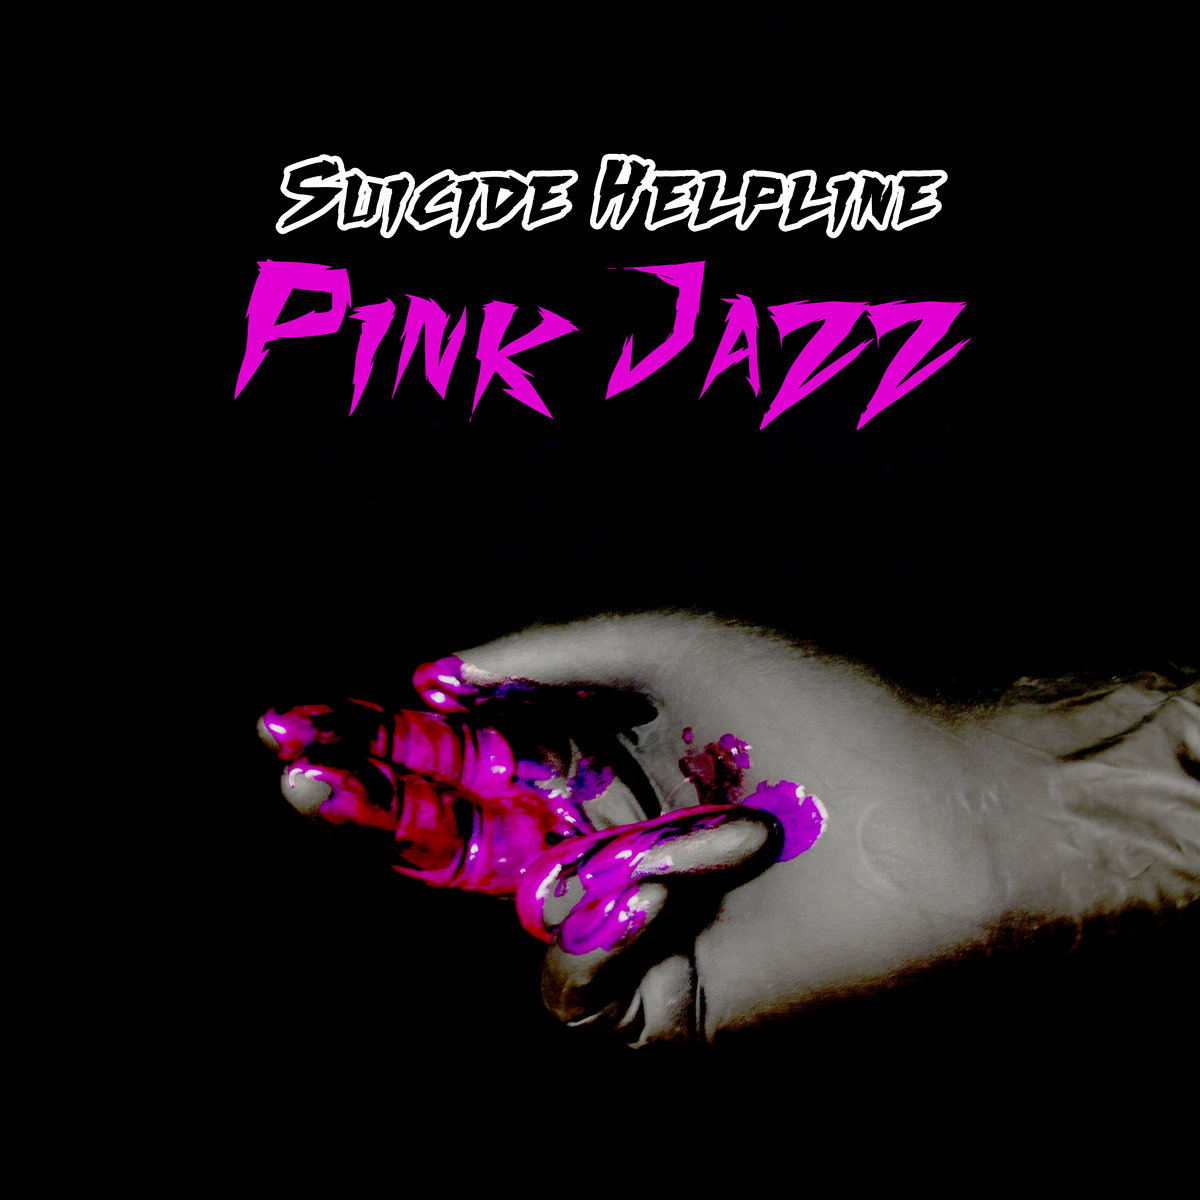 Suicide Helpline — Pink Jazz